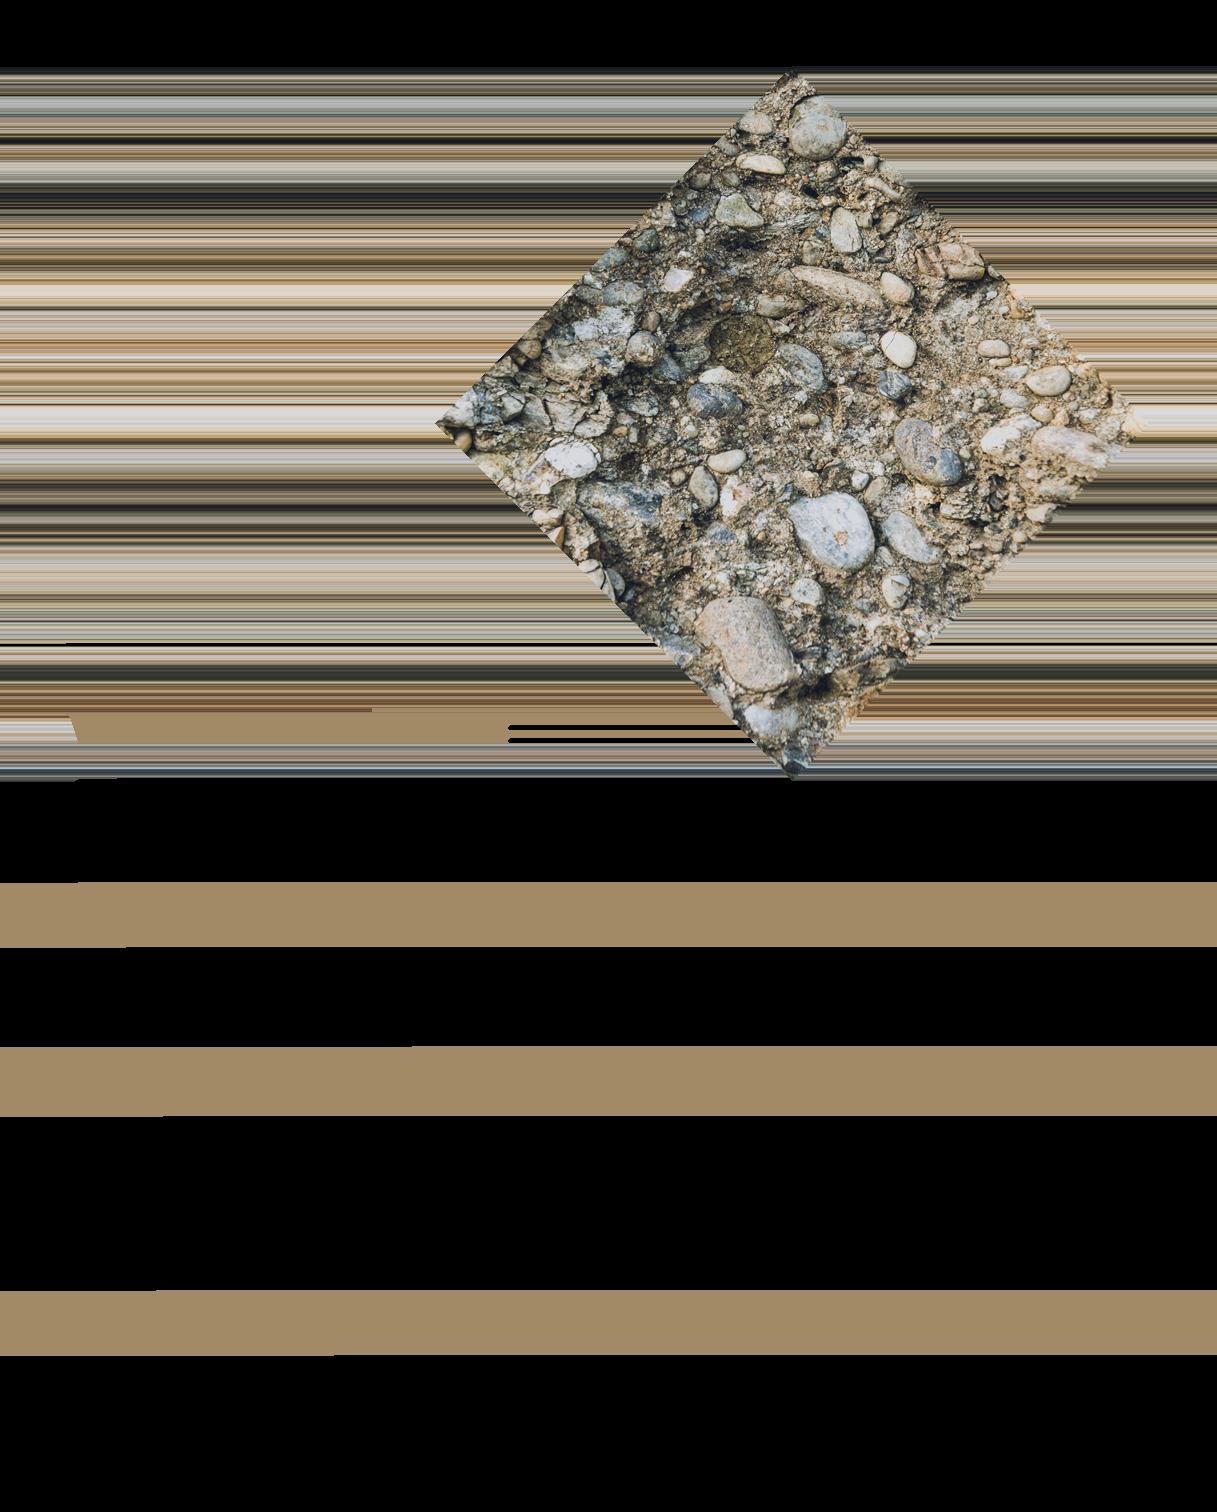 stk_web_grafiken5